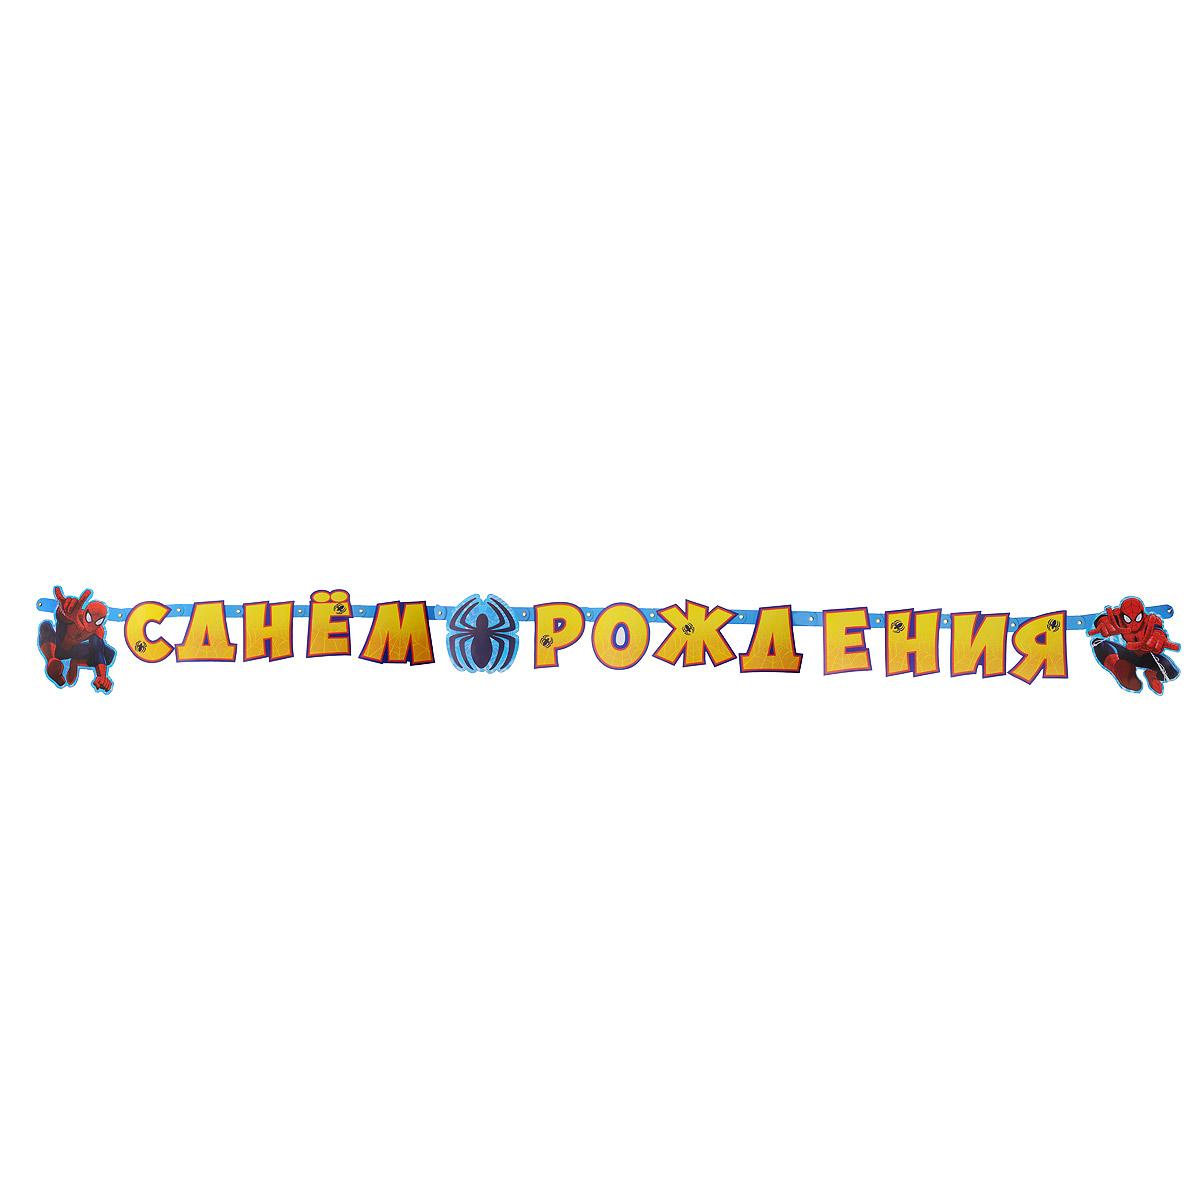 Гирлянда-буквы С днем рождения, 220 см. G-SPM-DR-01 (0734)G-SPM-DR-01 (0734)Гирлянда-буквы С днем рождения выполнена из картона и украшена красочными изображениями Человека-Паука. 16 карточек с изображением букв и Человека-Паука нанизываются на нитку белого цвета. Такая гирлянда украсит ваш праздник и подарит имениннику отличное настроение. Длина гирлянды: 220 см. Средний размер карточки: 19 см х 21,5 см.